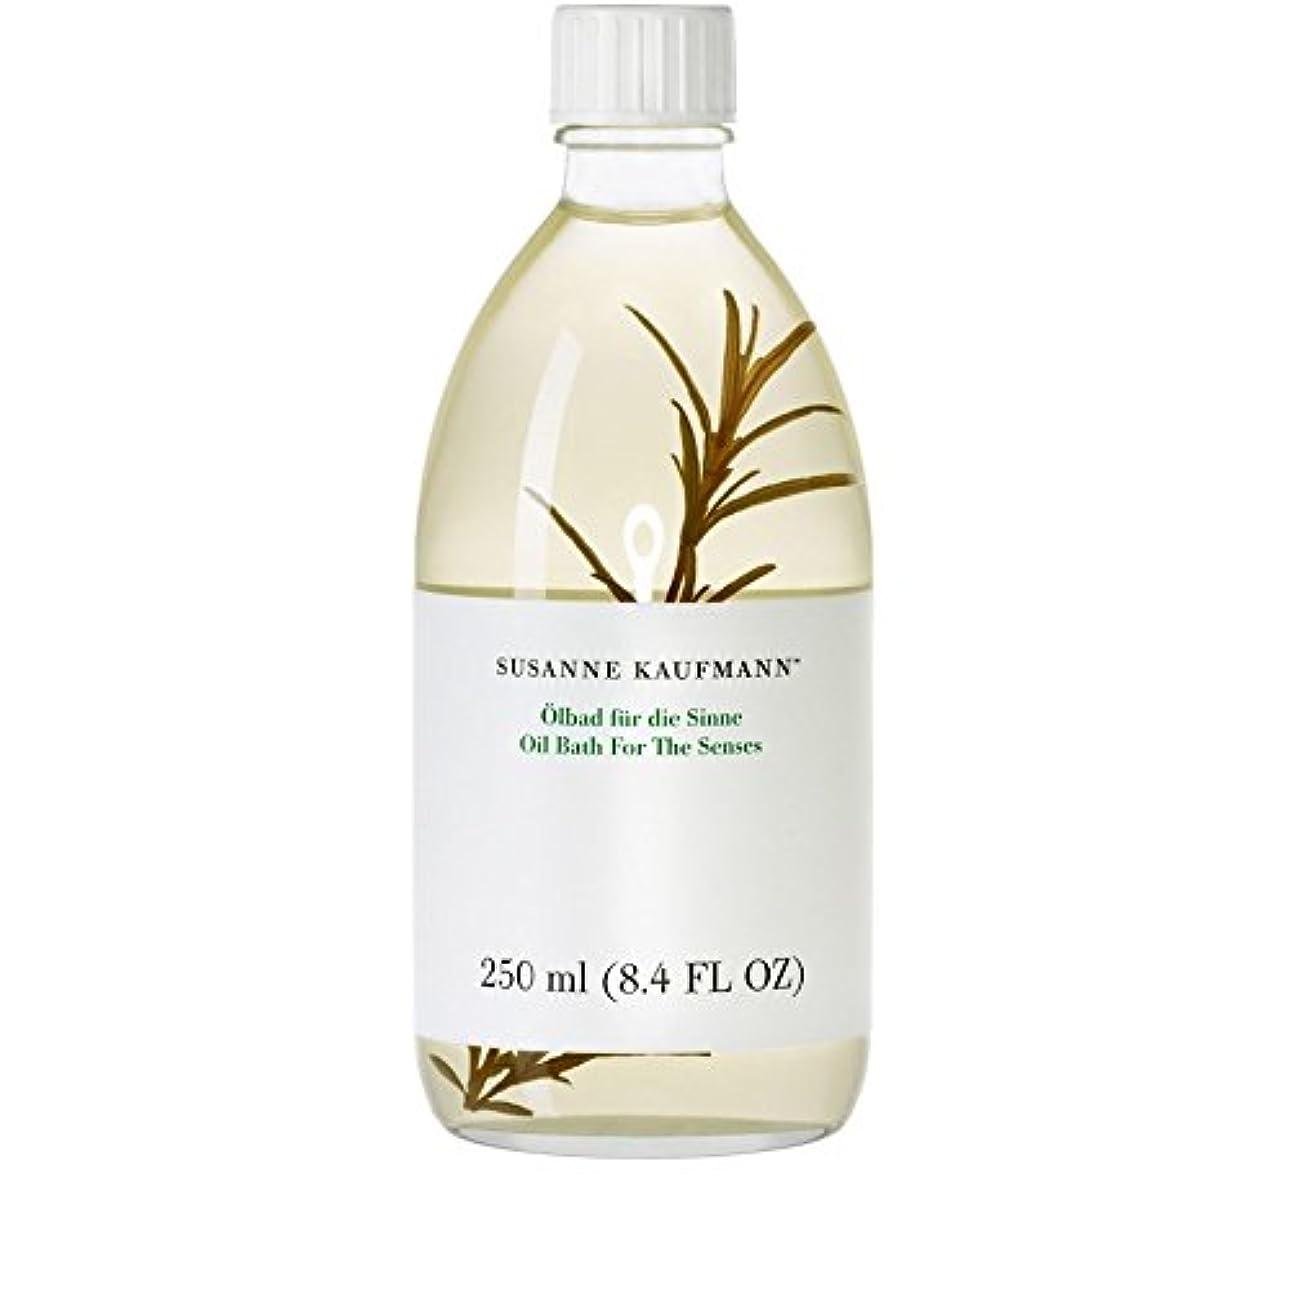 擬人化因子摂氏度250ミリリットルの感覚のためのスザンヌカウフマンオイルバス x2 - Susanne Kaufmann Oil Bath for the Senses 250ml (Pack of 2) [並行輸入品]